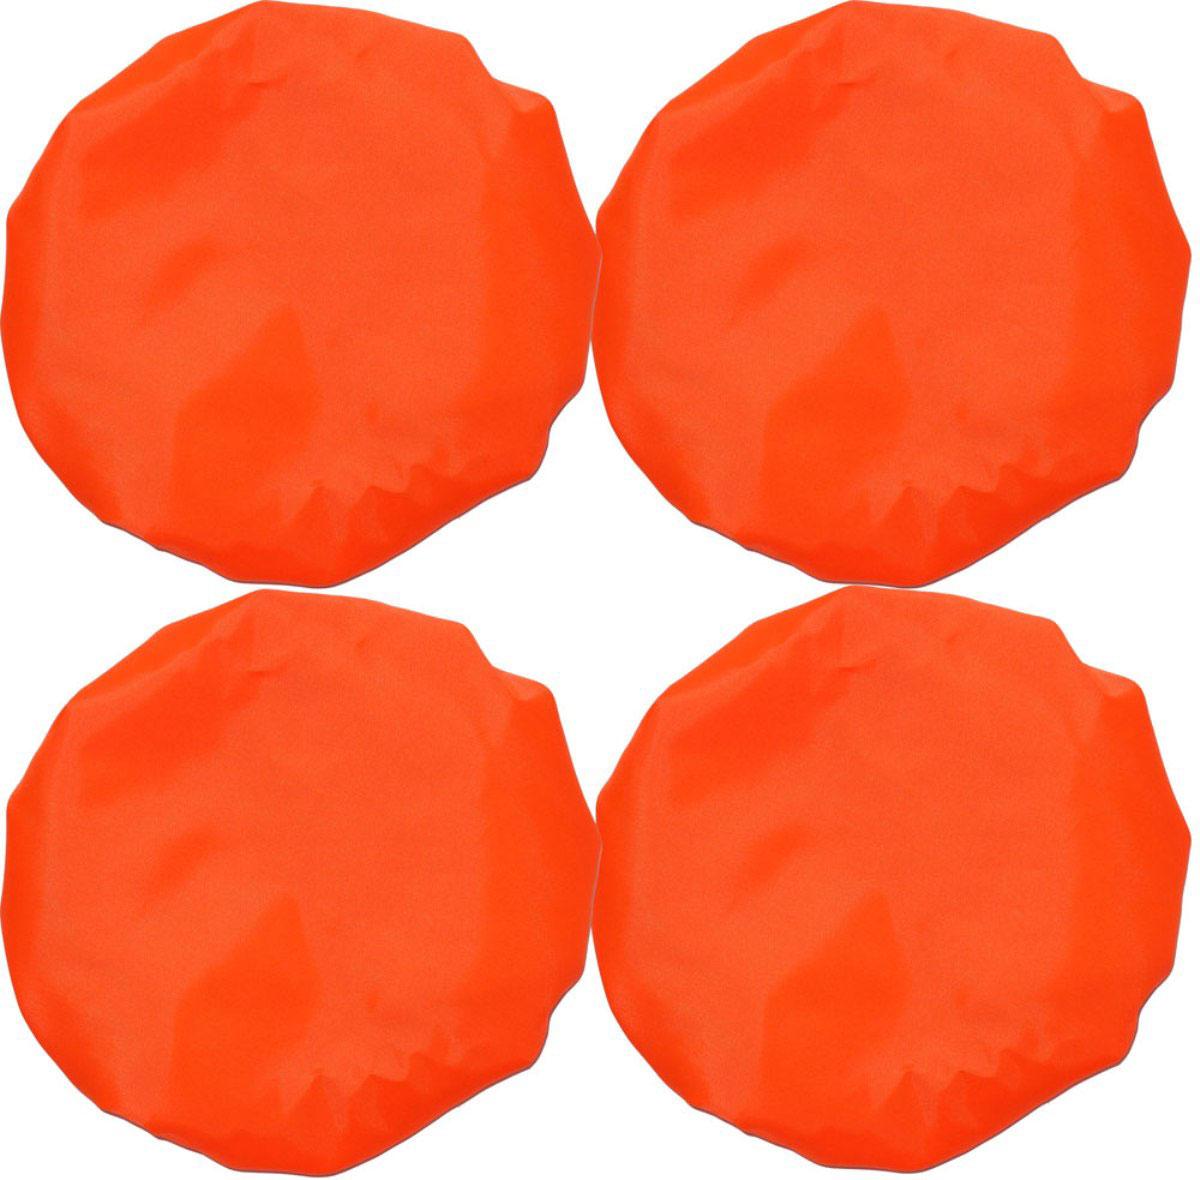 Чудо-Чадо Чехлы на колеса для коляски диаметр 28-38 см цвет оранжевый 4 шт -  Аксессуары для колясок